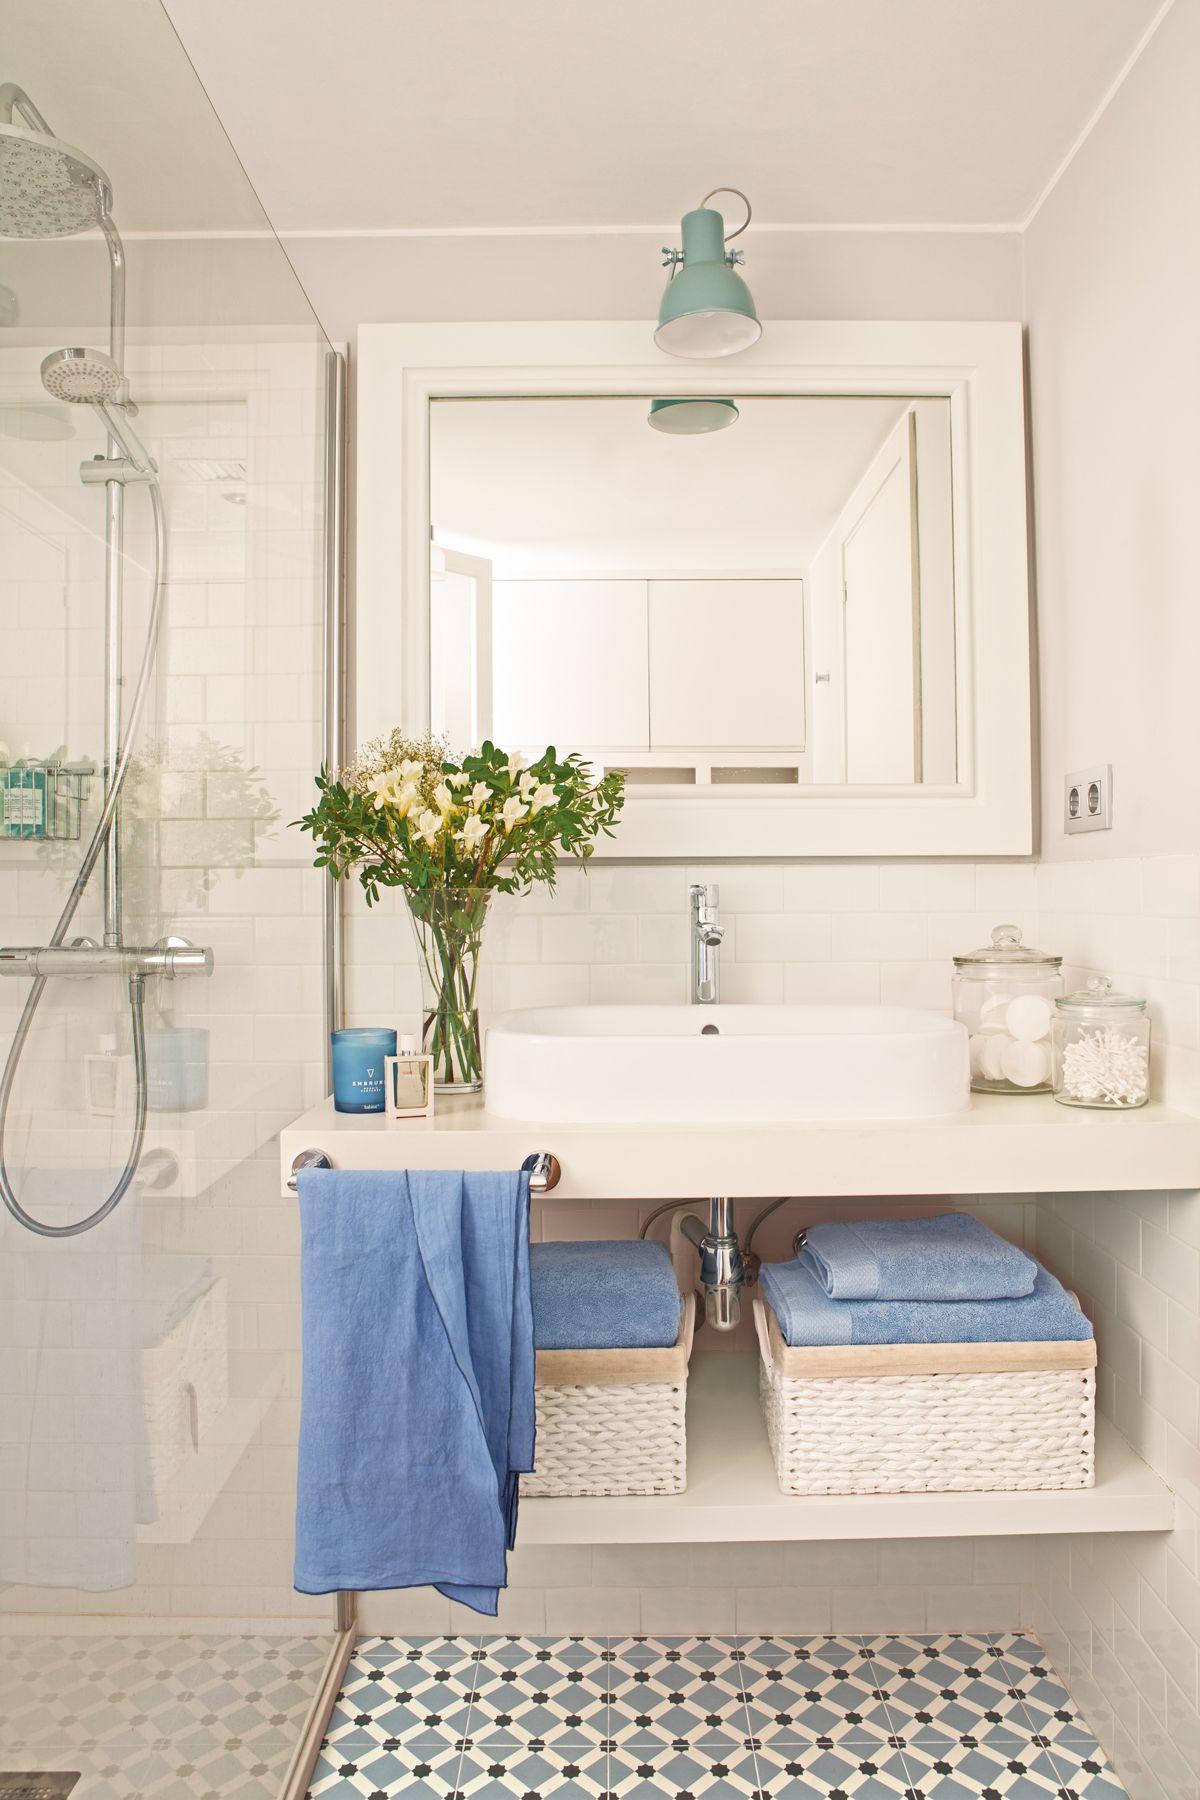 Mueble bajolavabo en blanco con toallas azules y mosaico hidráulico ...